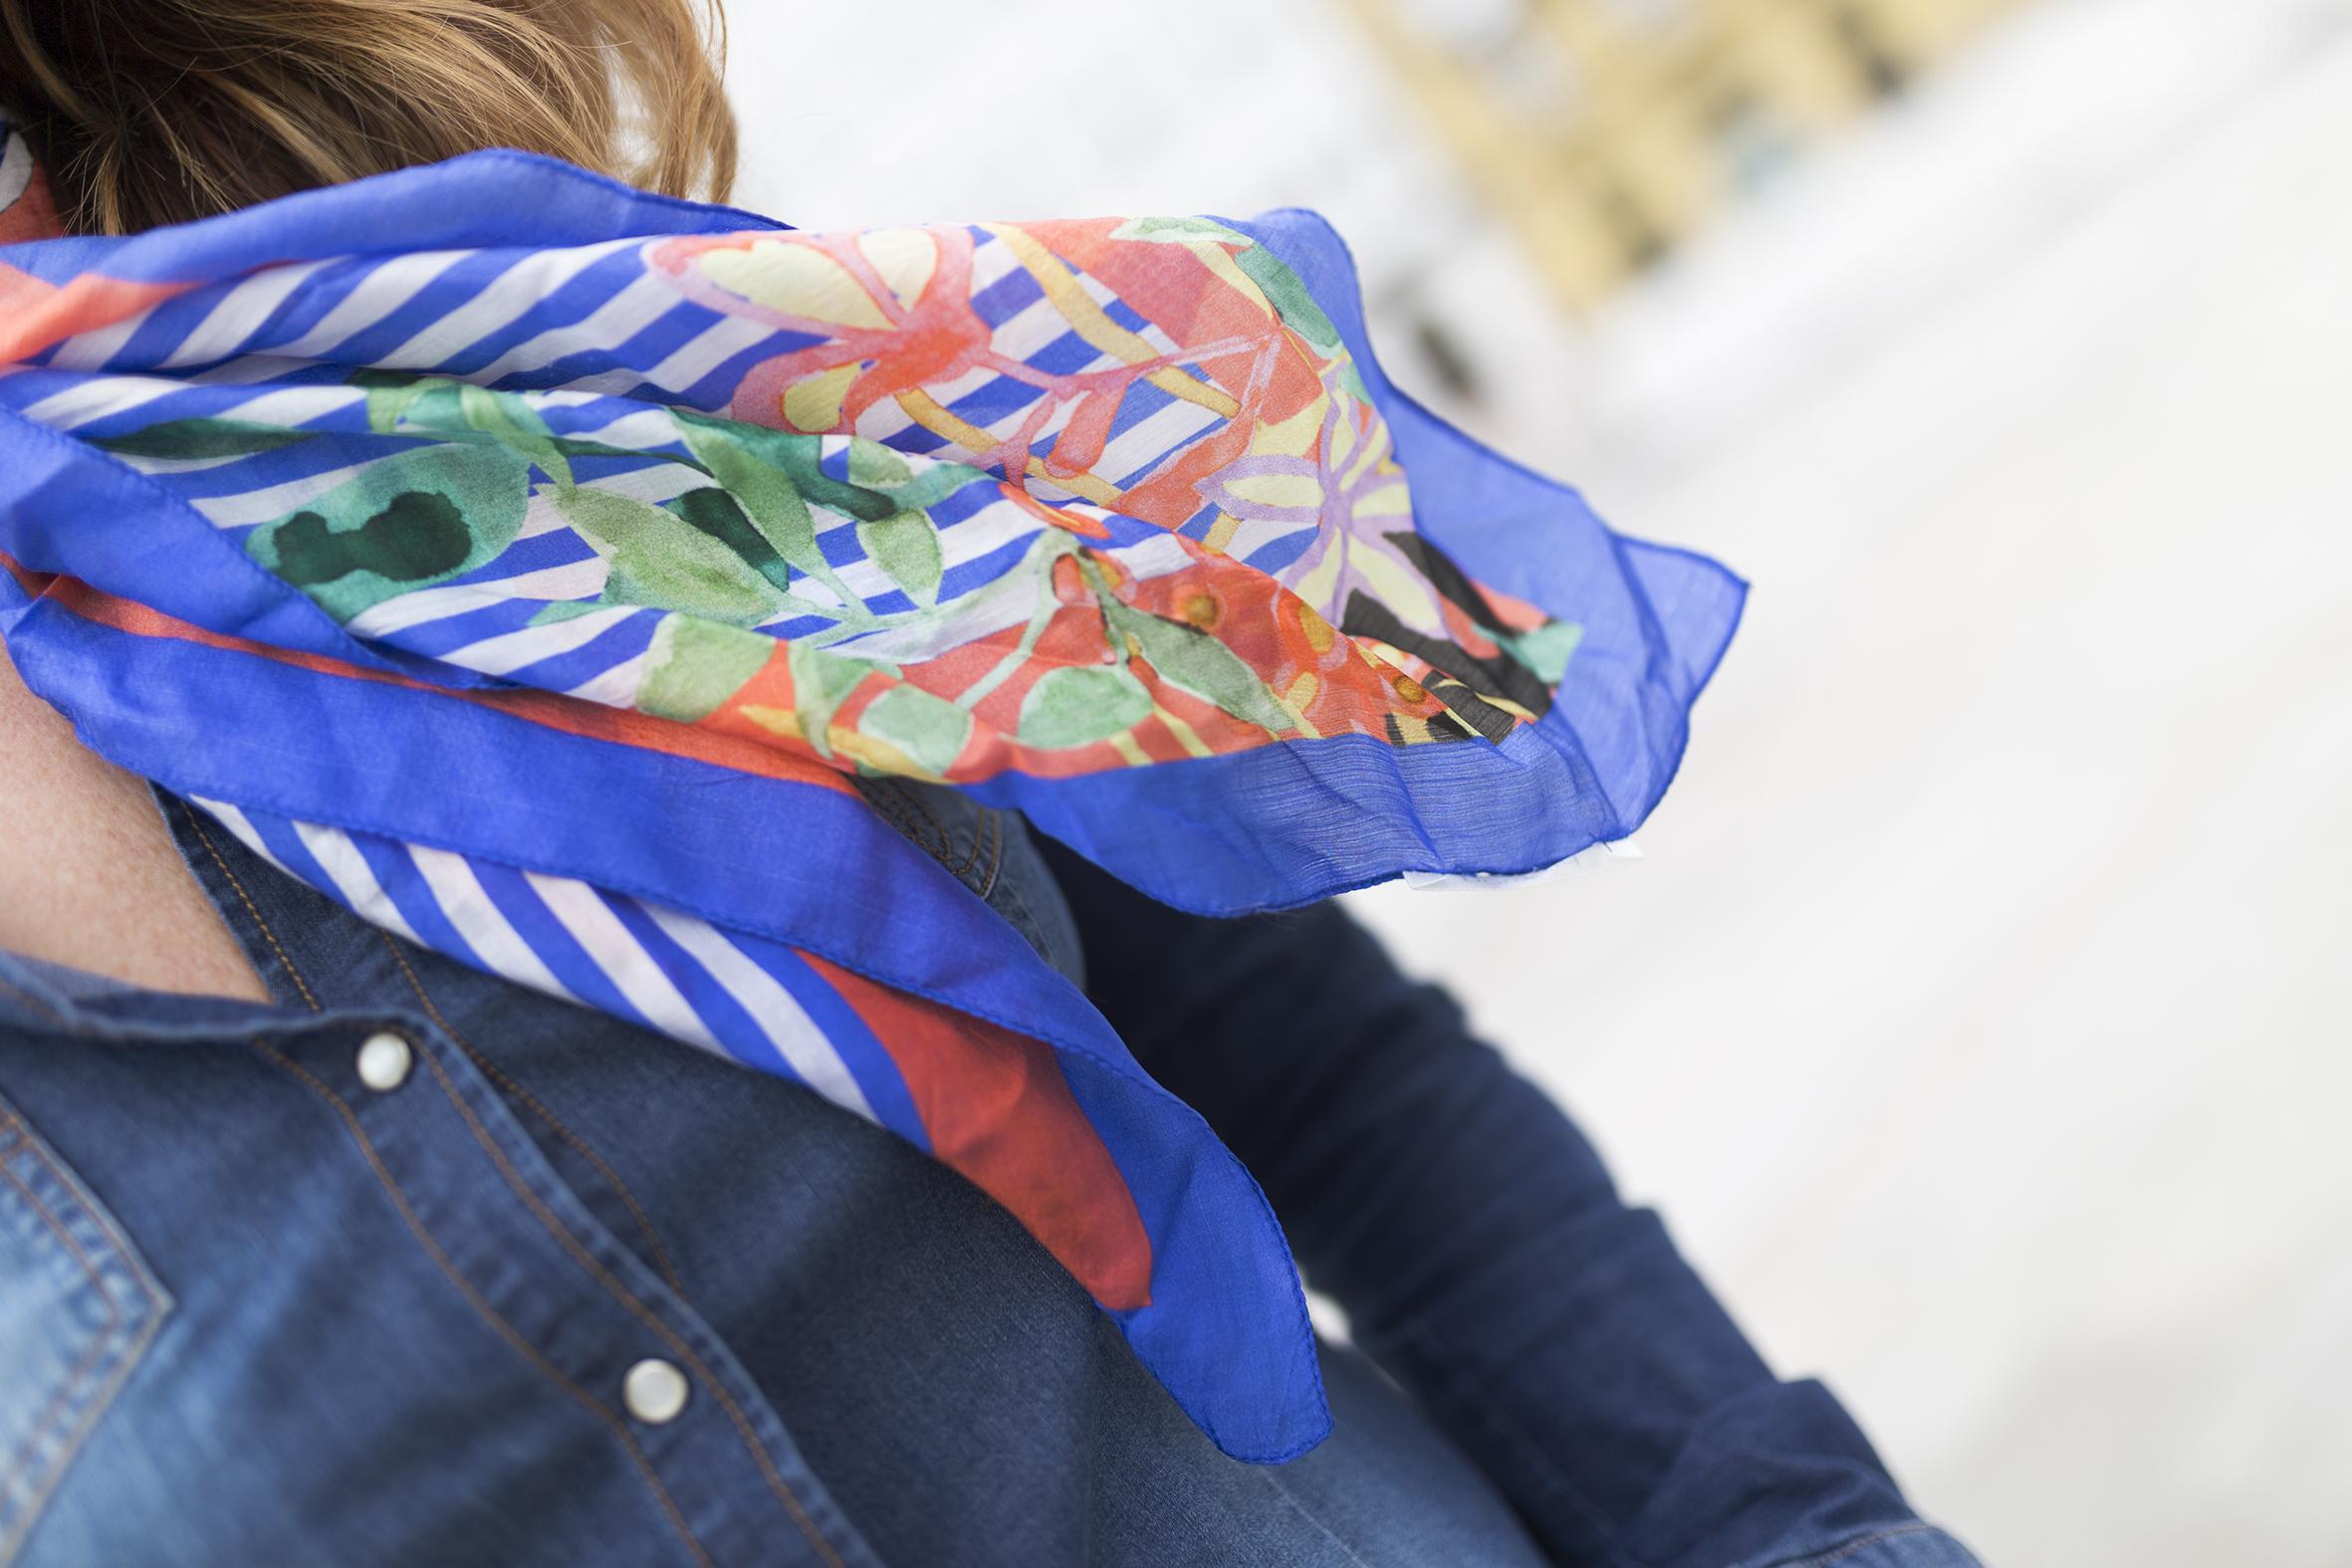 fular de seda- streetstyle-moda-descalzaporelparque- streetstyle-style- scarf-promod